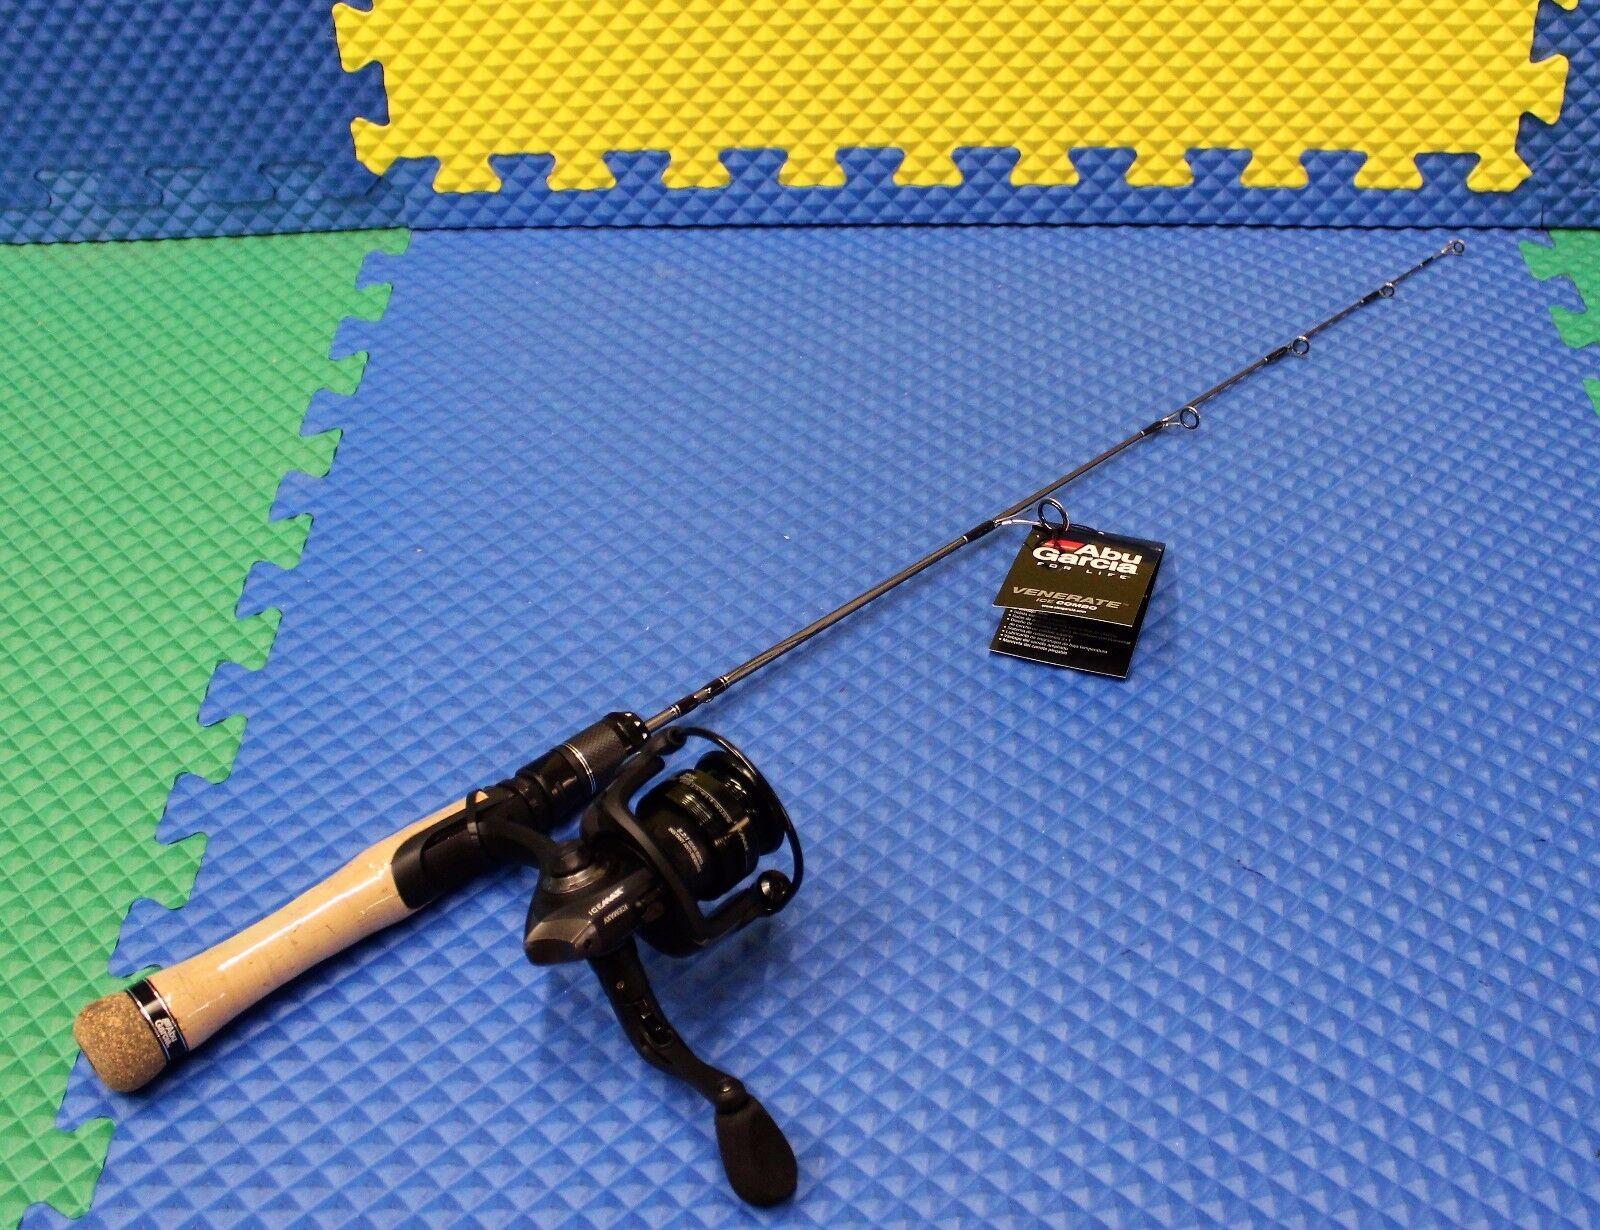 Abu Garcia Rod & Reel Venerate Ice Fishing Combo AVNRTICE29MCBO 1424503